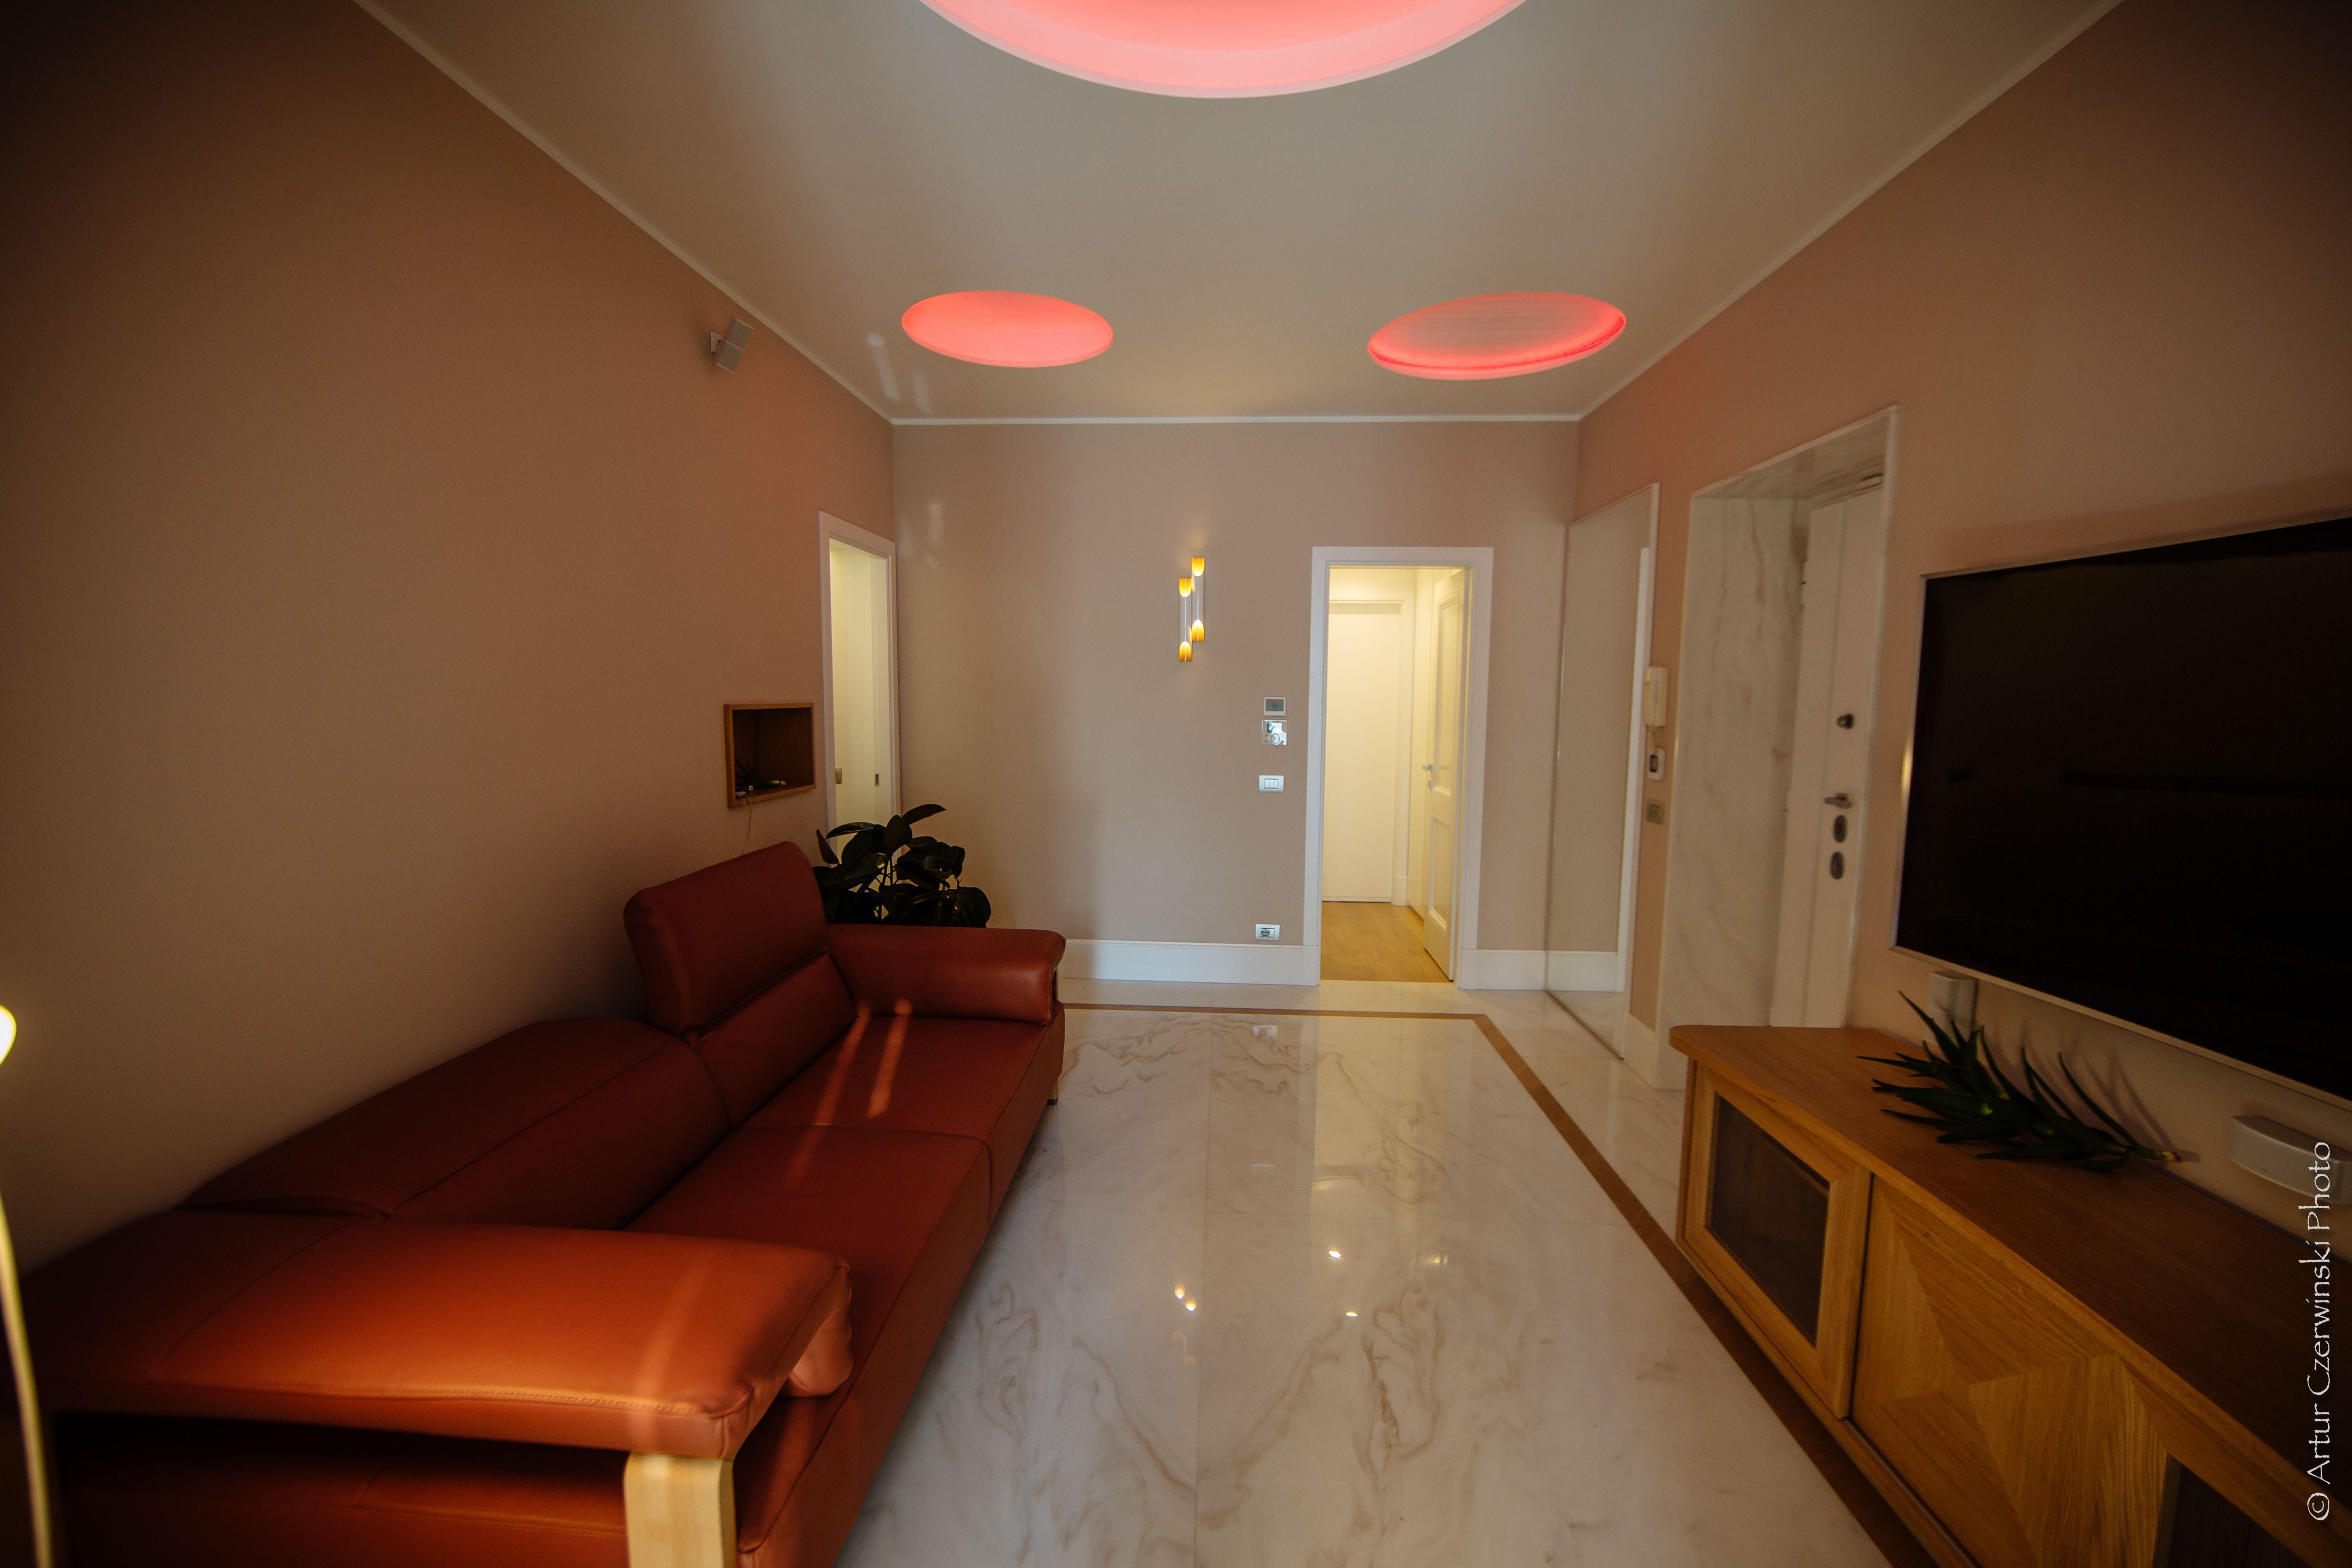 Soggiorno pavimenti marmo parquet dettaglio illuminazione casa